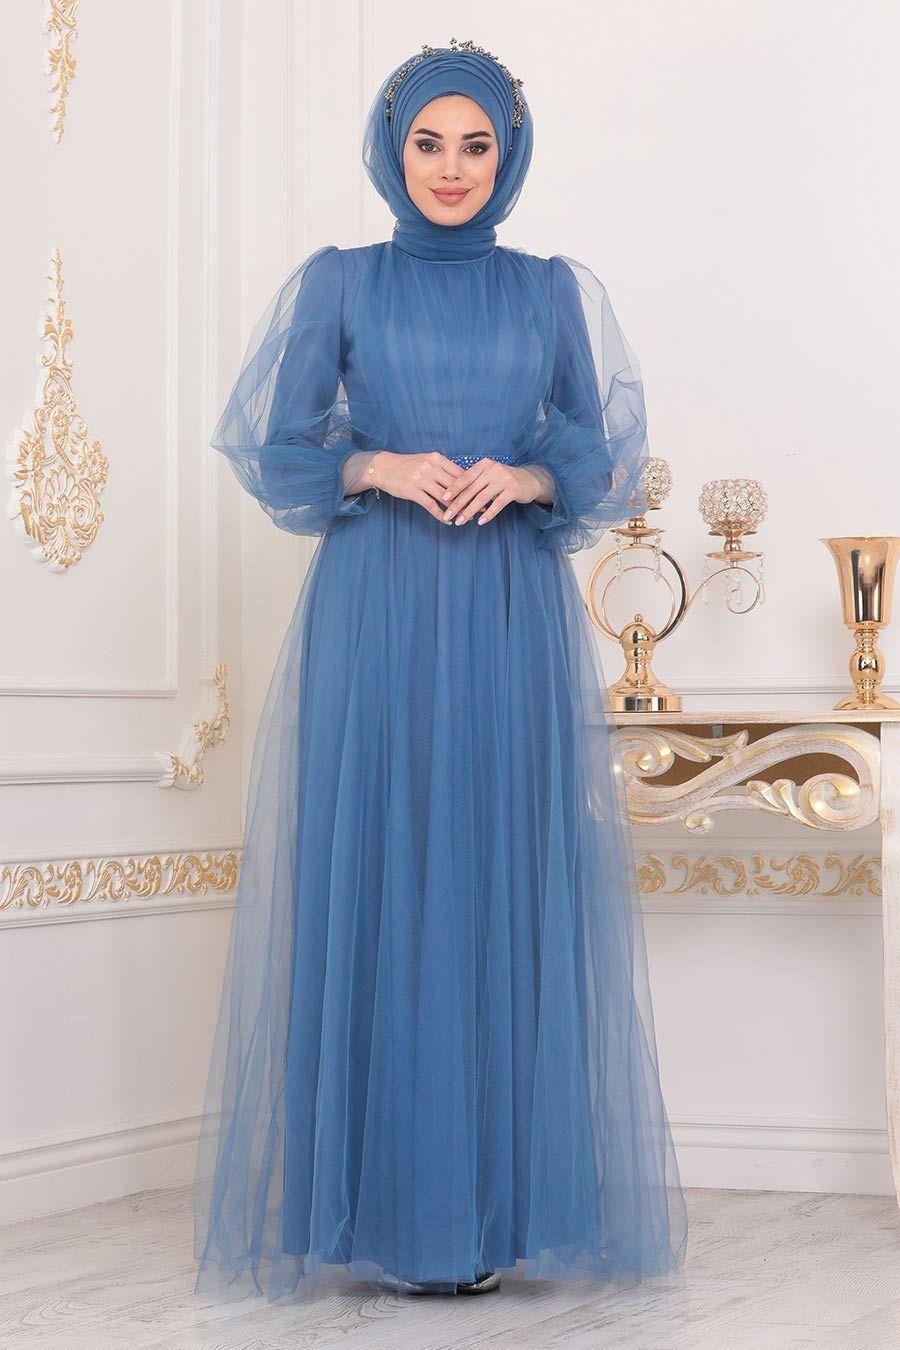 Tesetturlu Abiye Elbise Tullu Mavi Tesettur Abiye Elbise 40020m Tesetturisland Com 2020 Moda Stilleri Elbise Elbiseler